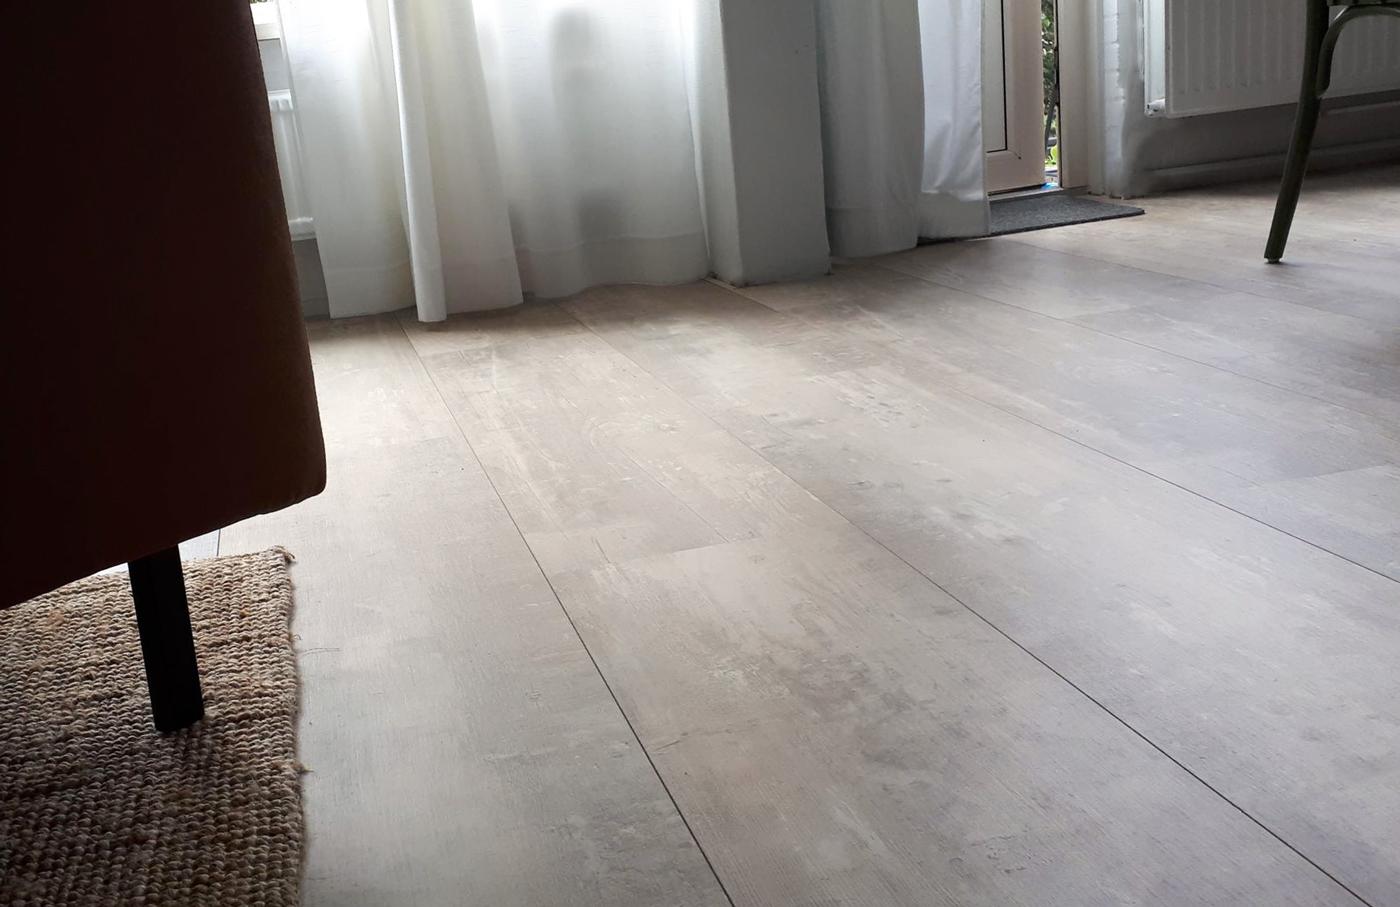 Landhuis laminaat beton grijs eiken vloer donker extra breed